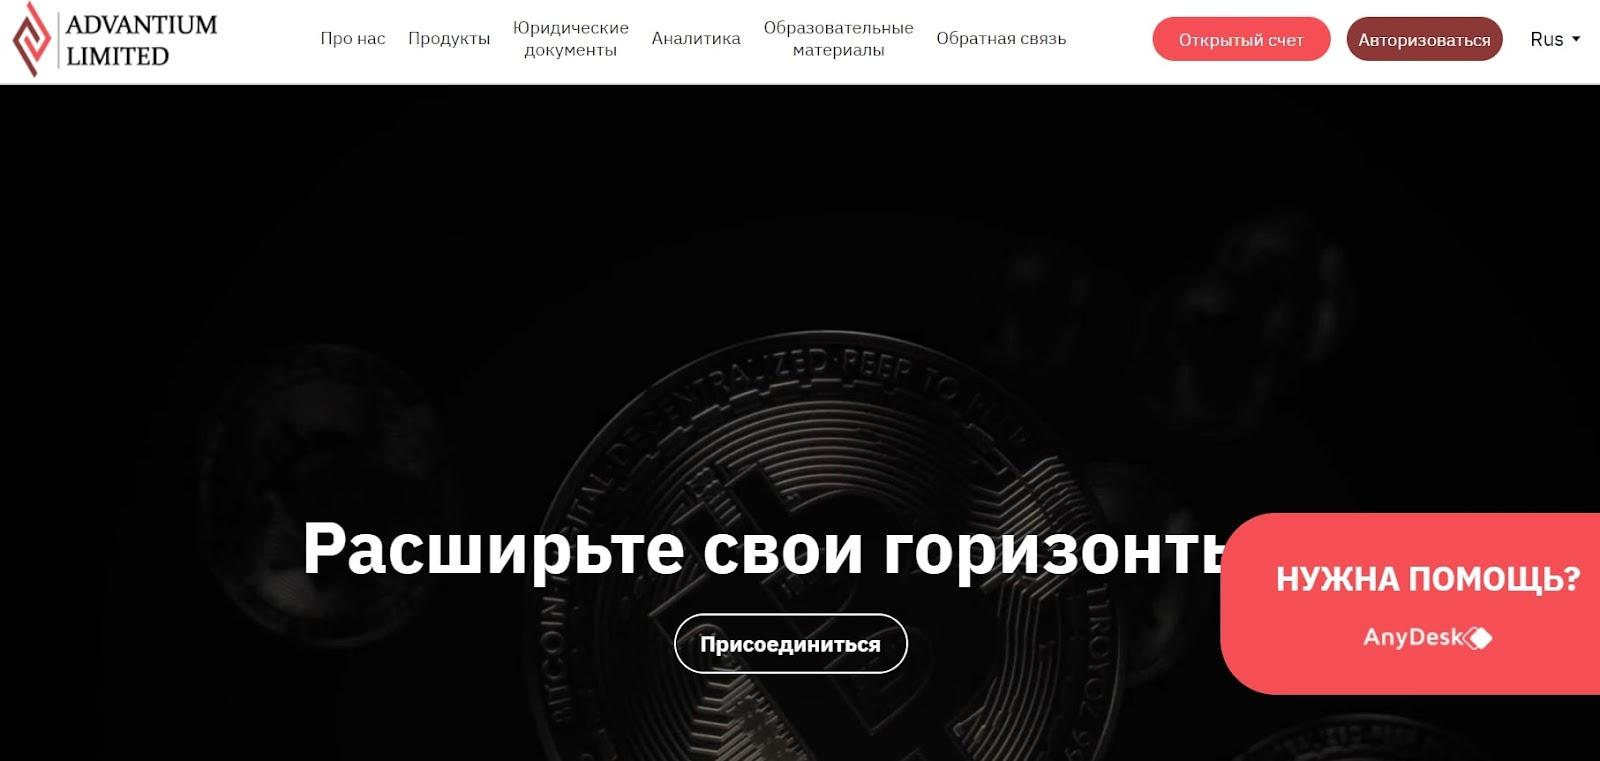 Advantium Limited: отзывы о проекте и экспертный обзор деятельности